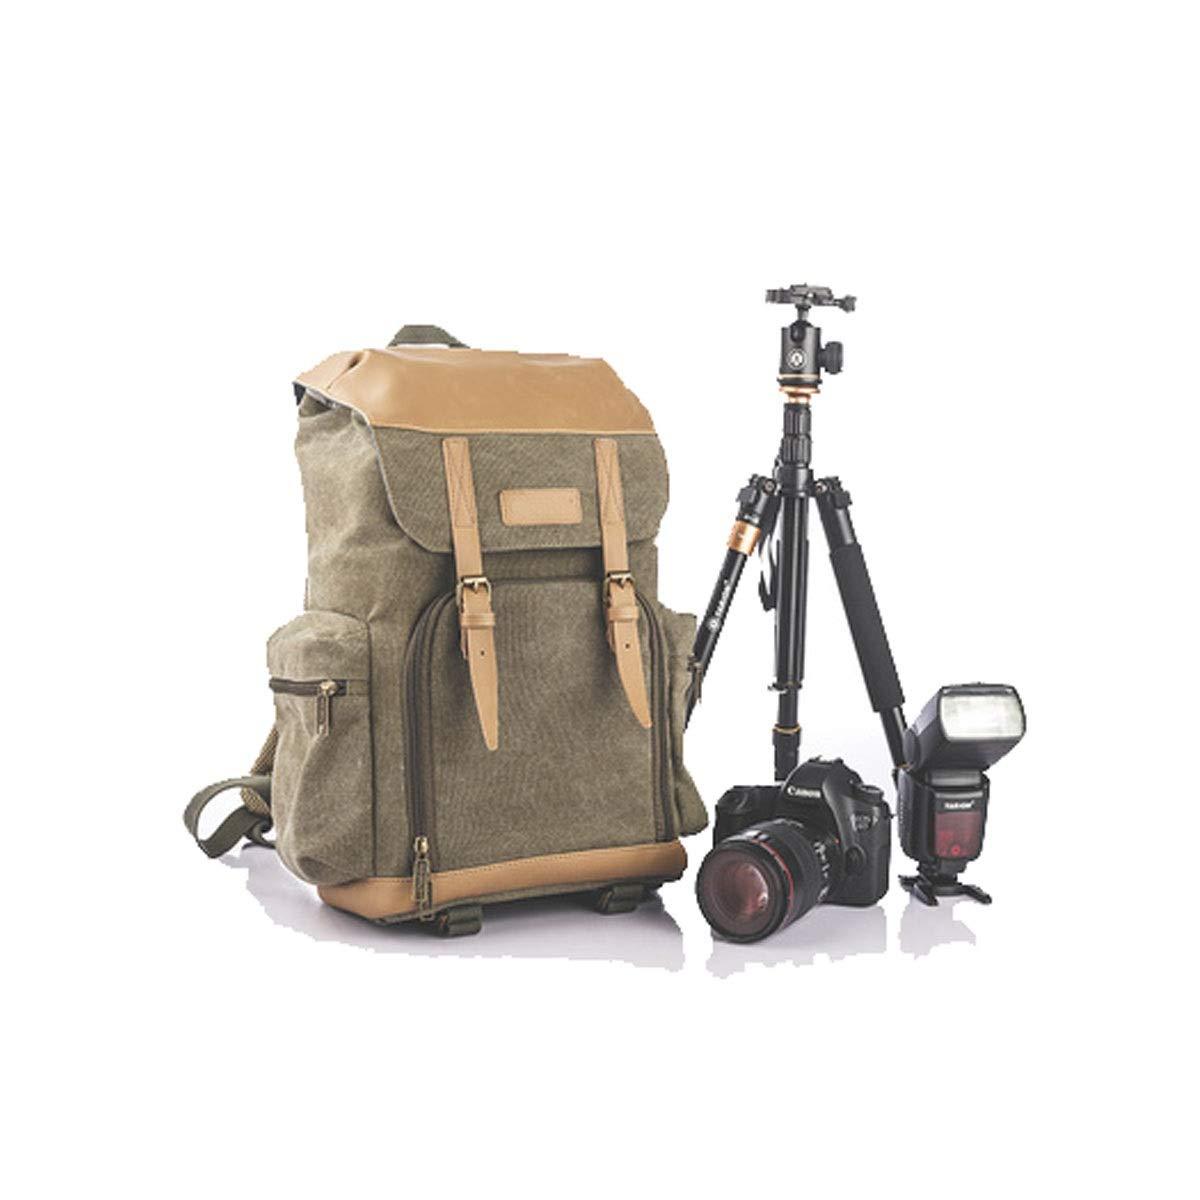 カメラバッグ、地理旅行カメラバックパック、ショルダーレザーキャンバスカジュアルSLRカメラバッグ、ジャングルグリーン(レインカバー付き)(色:ジャングルグリーン)   B07Q1YB59V